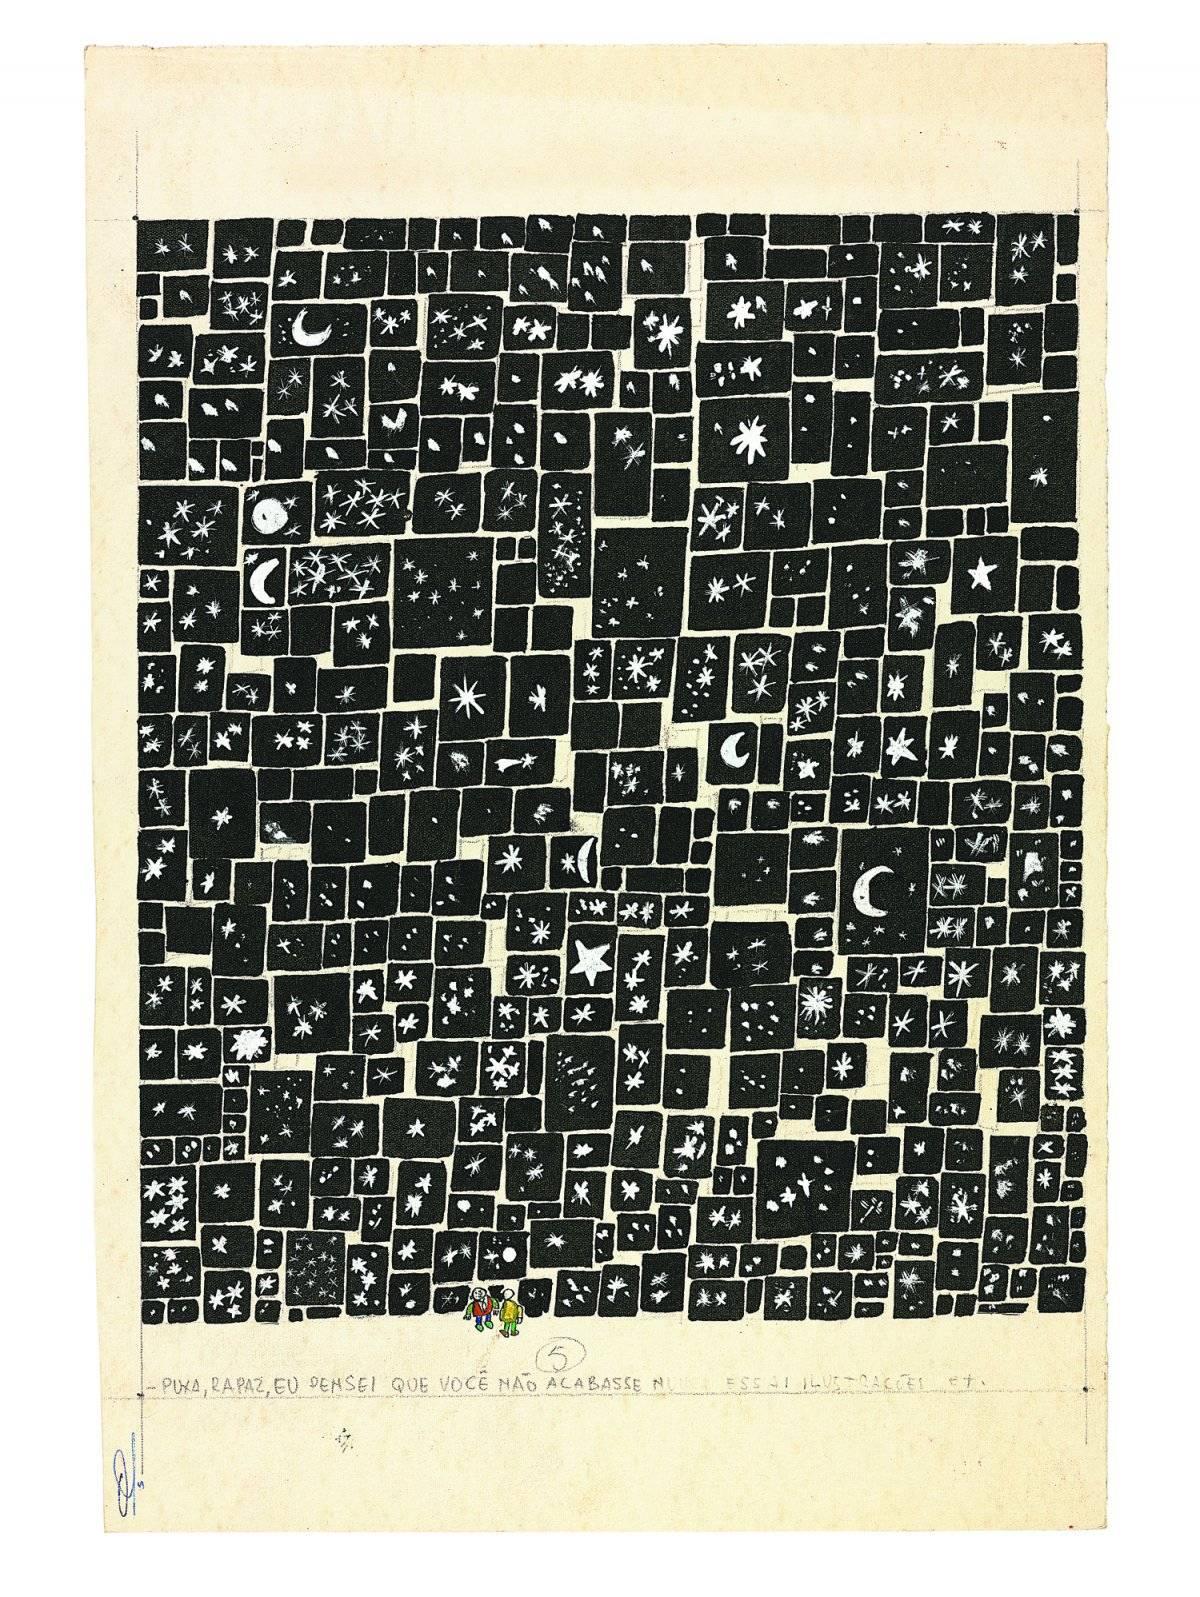 Ilustrador das mil e uma noites, 1961 Acervo Millôr Fernandes / Instituto Moreira Salles